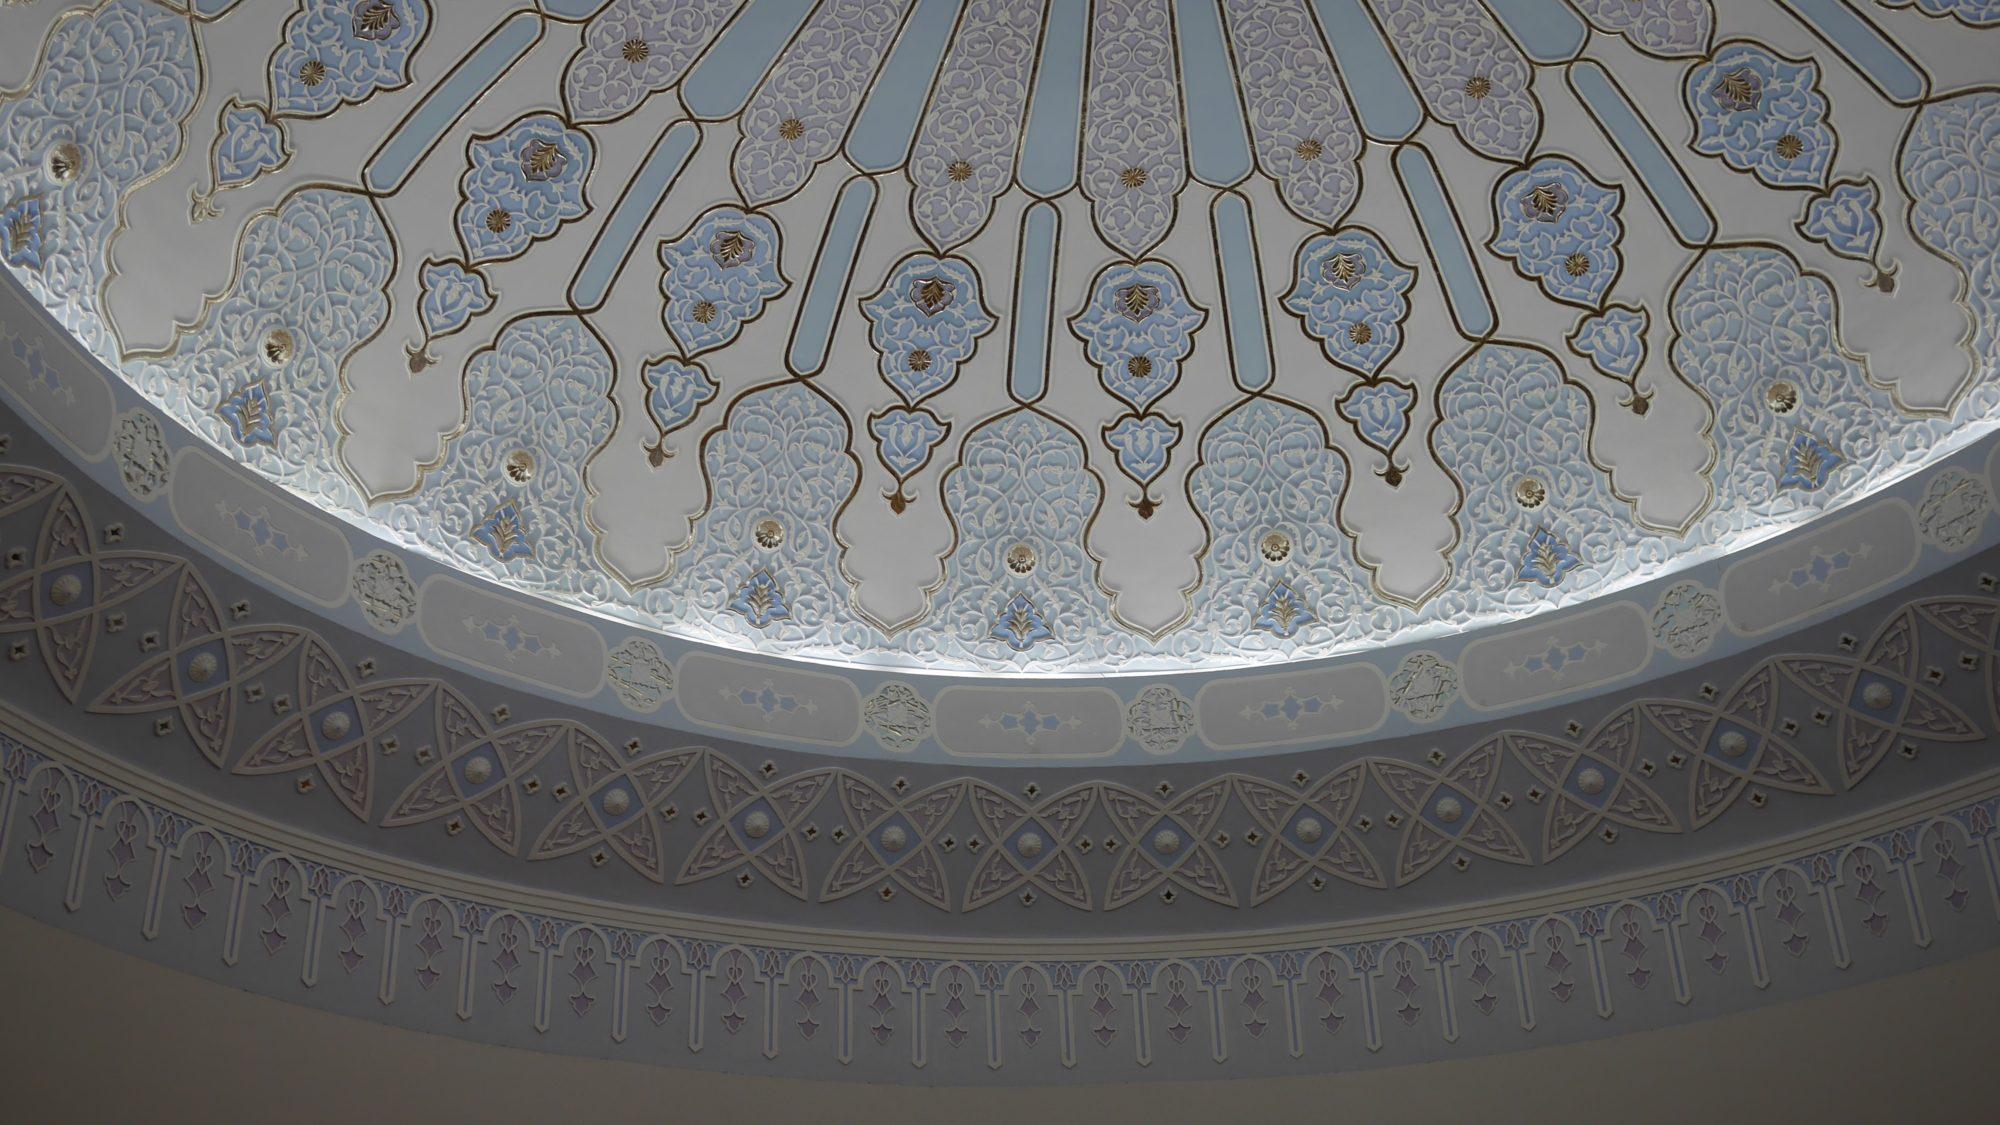 モスクの様なドーム状の天井その3